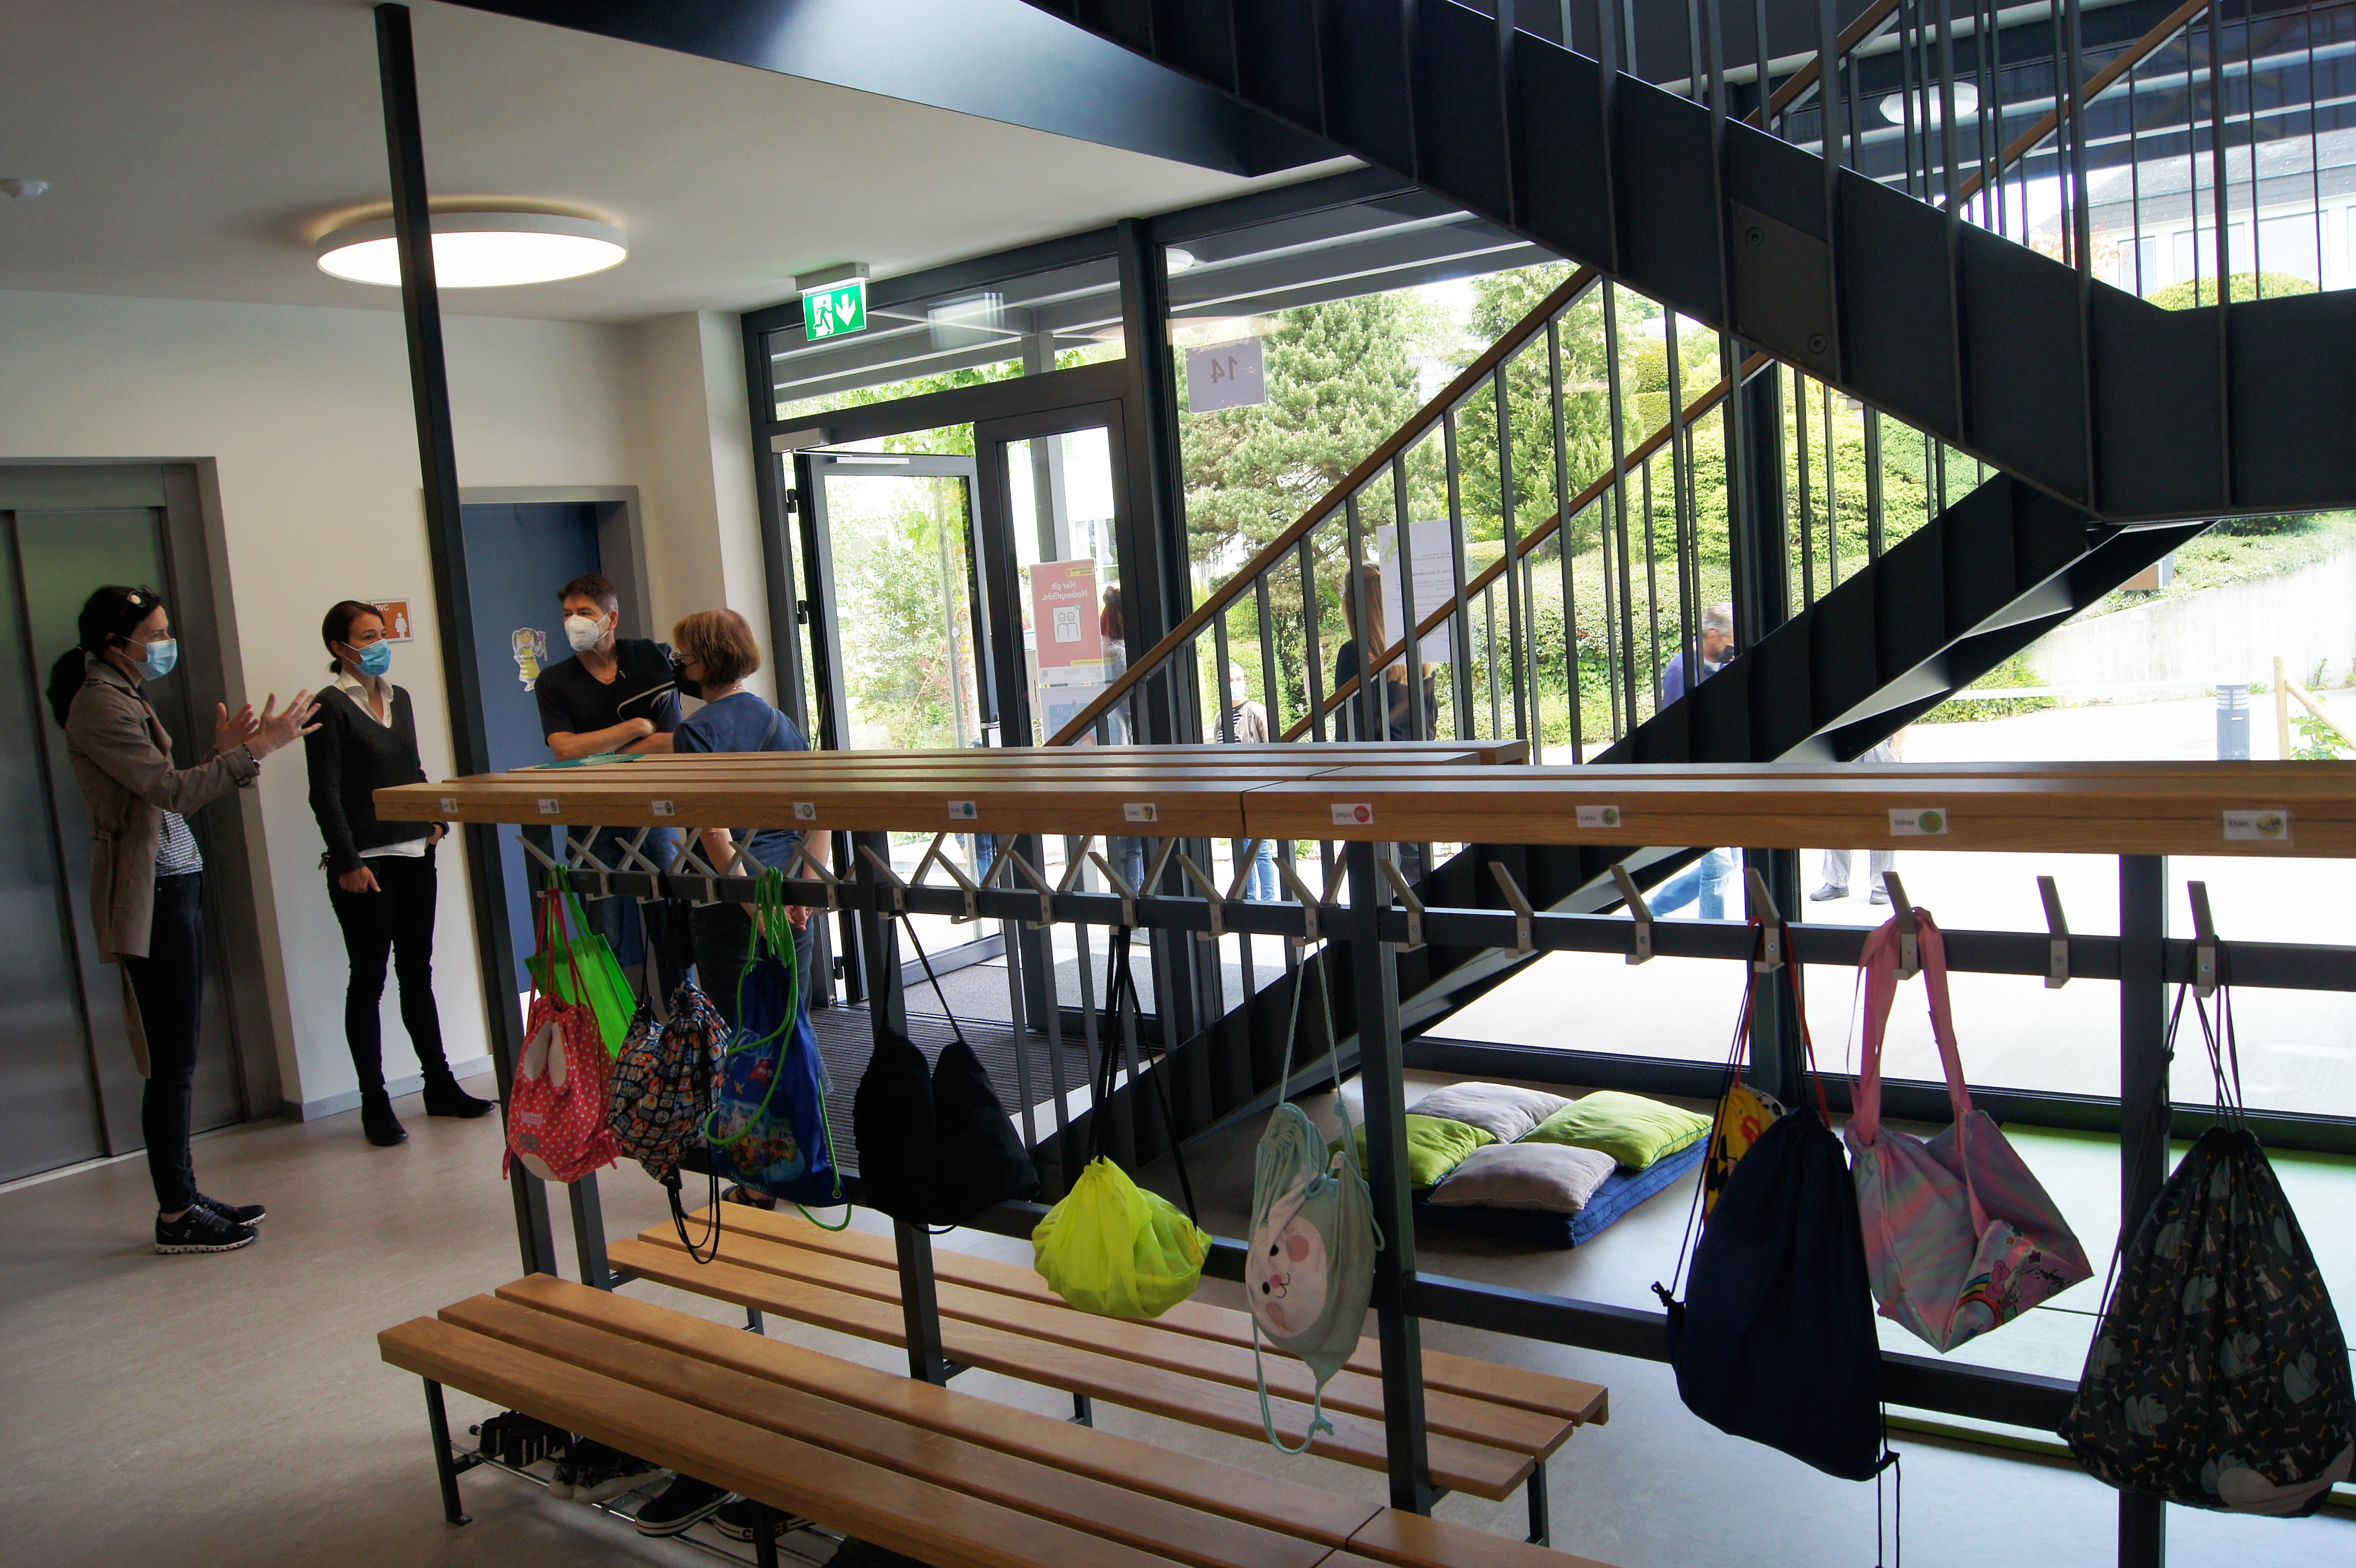 Während gut drei Stunden besuchten rund 150 Uitiker, darunter viele Eltern mit Kindern, die nach den Frühlingsferien eröffneten hellen Schulräume auf zwei Stockwerken.